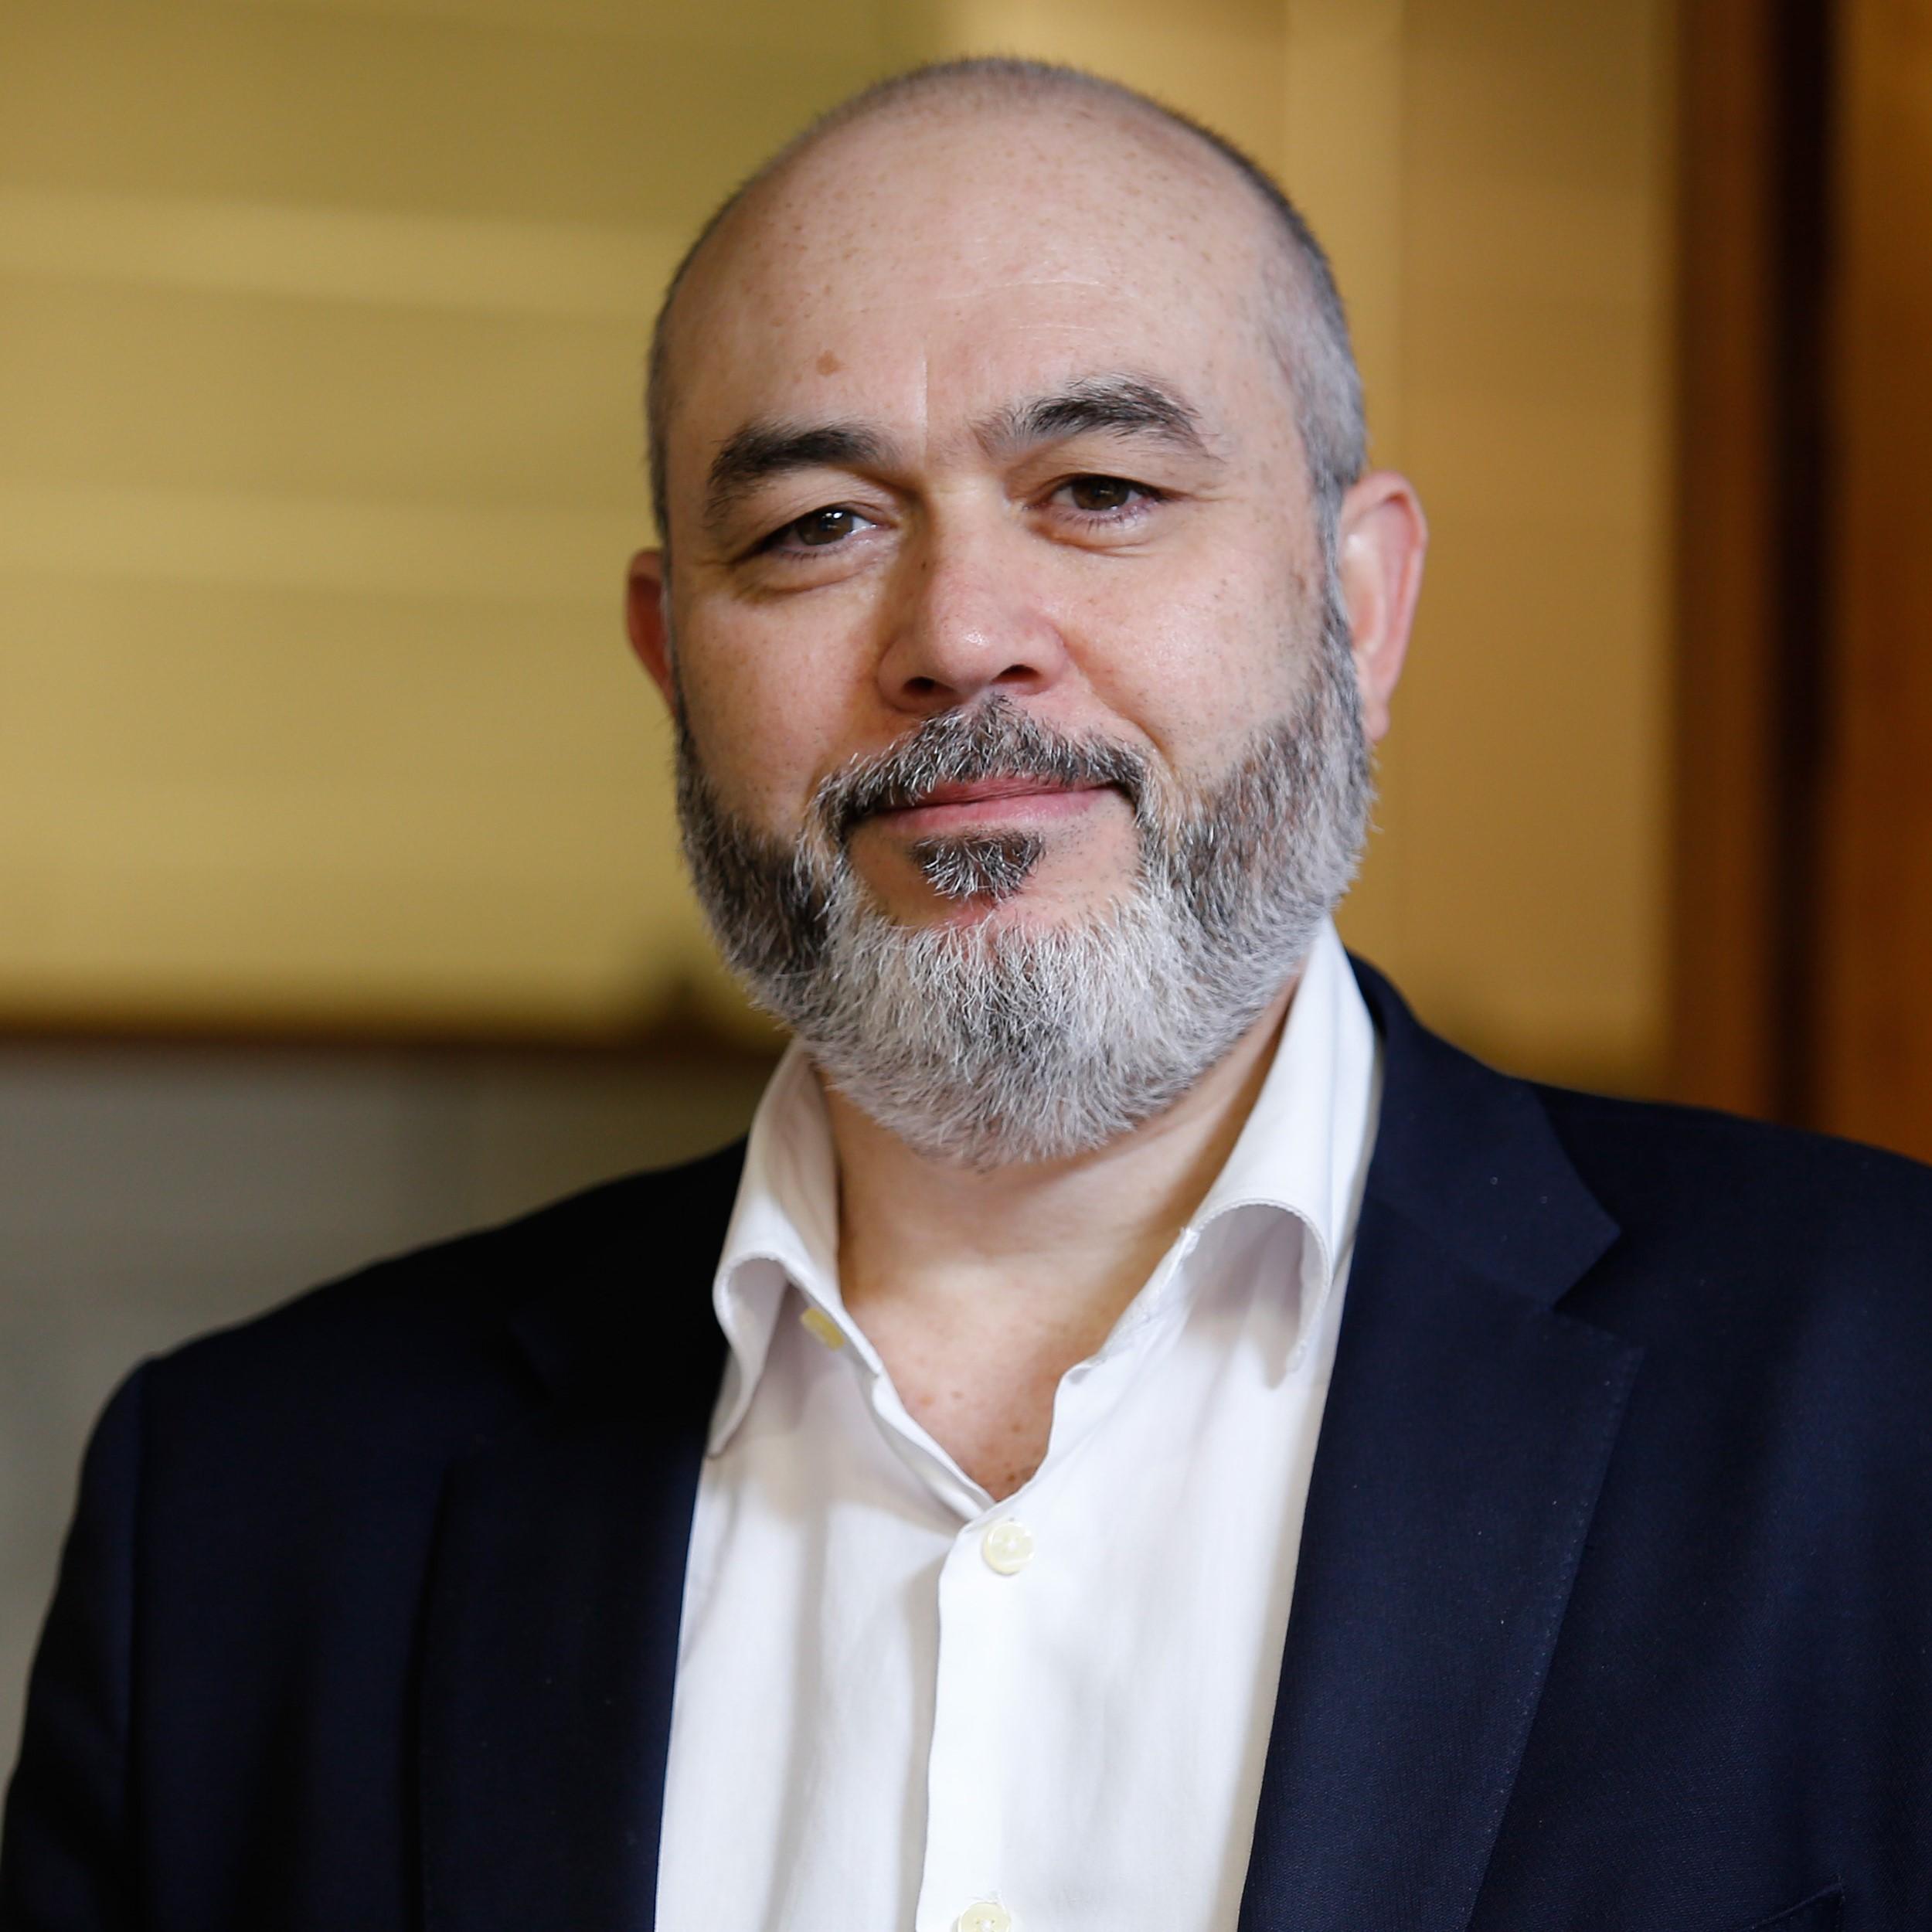 Mohammad Sear